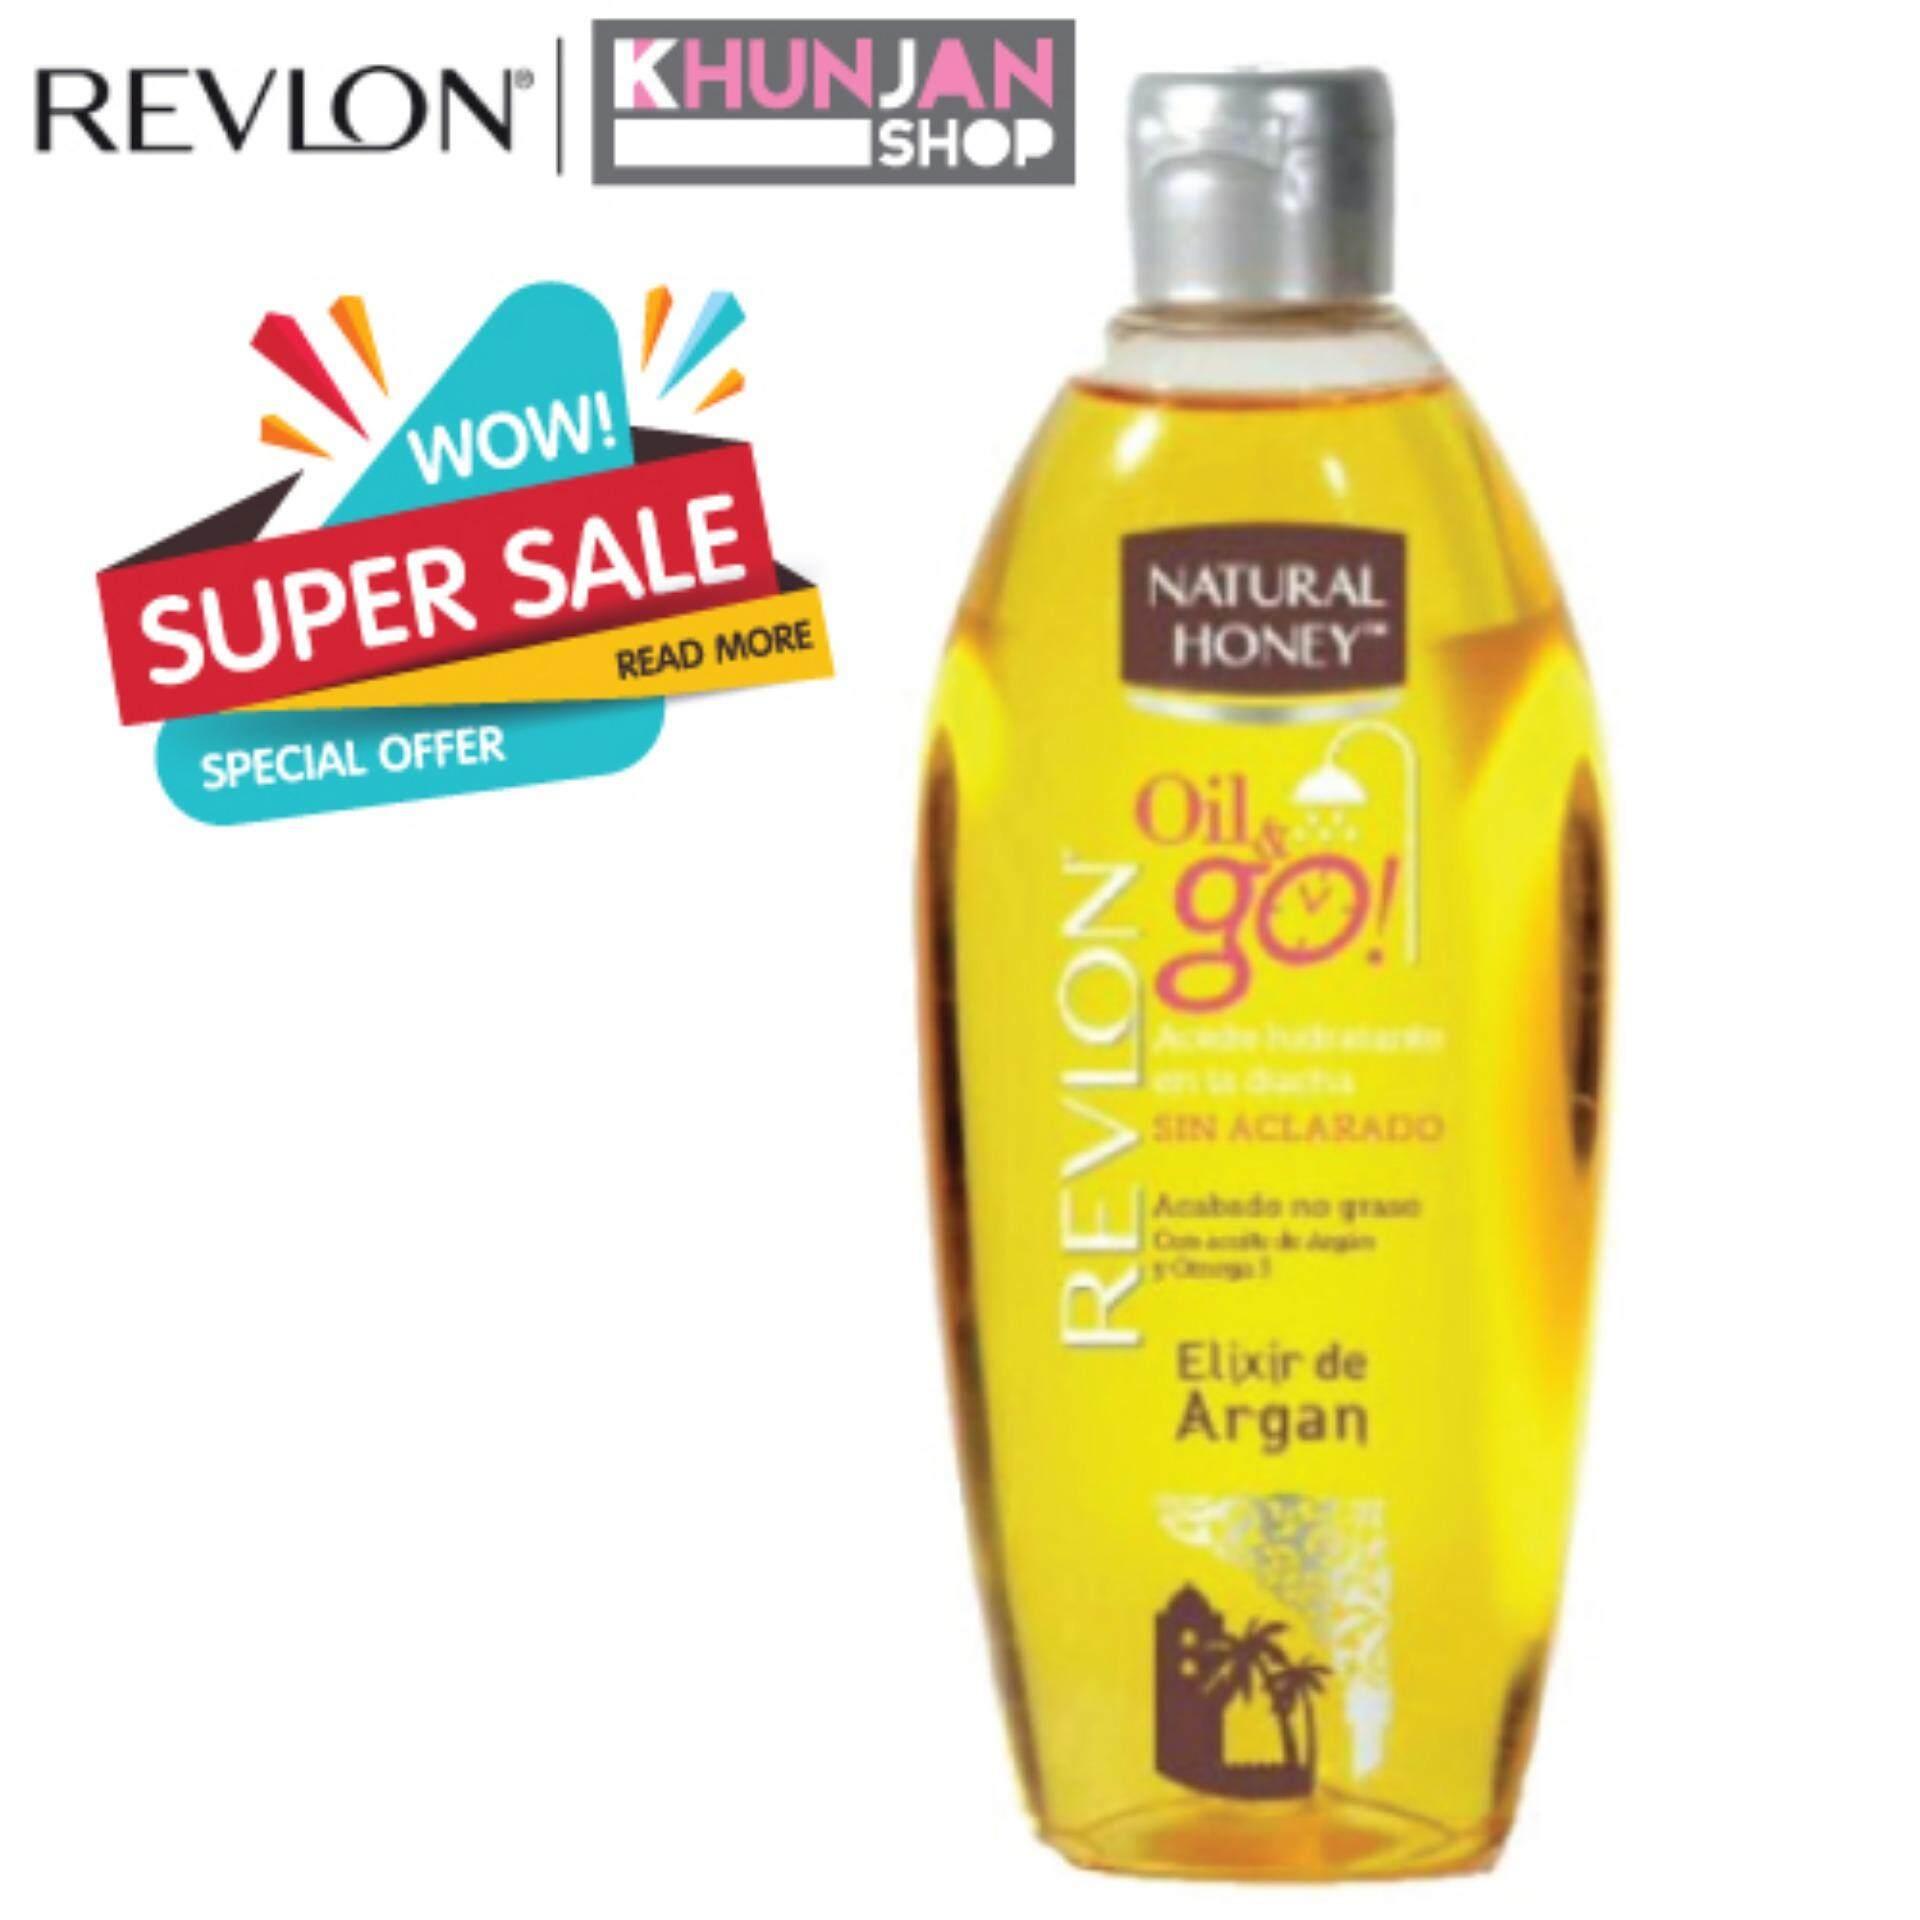 ราคา Revlon Natural Honey Argan Oil 300 Ml เนเชอรอล ฮันนี่ อาแกน ออยล์ ใหม่ล่าสุด